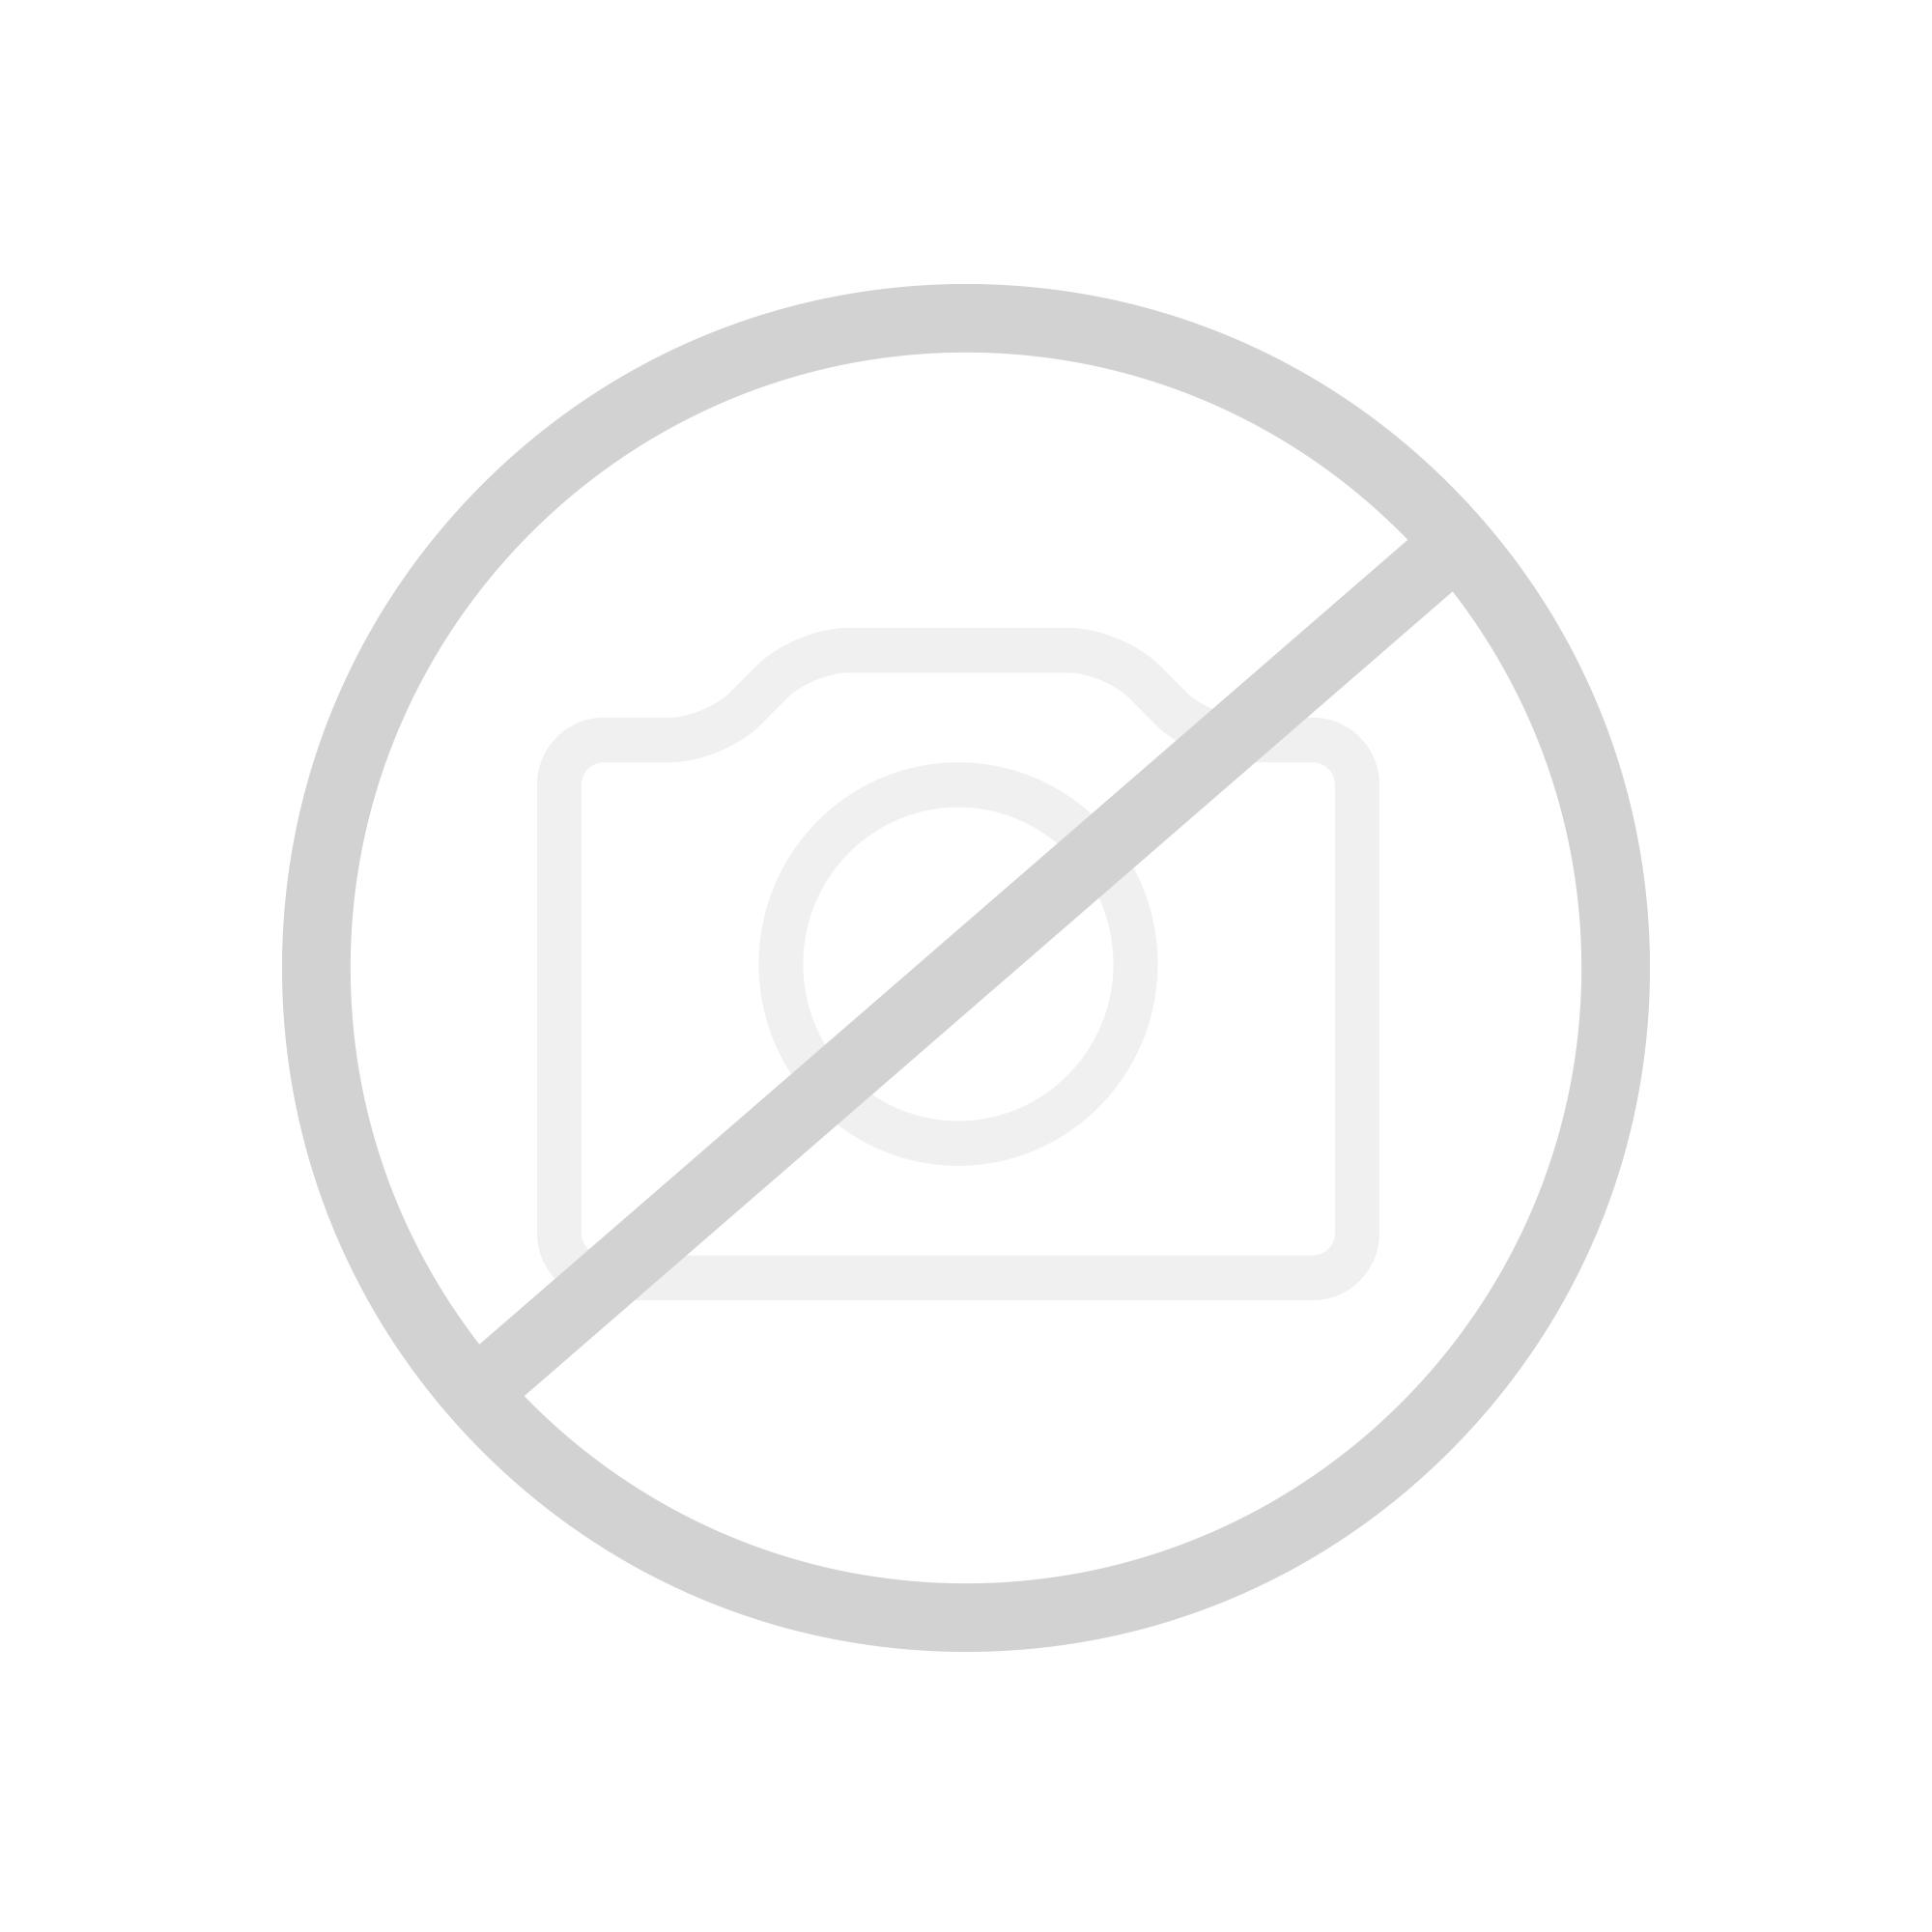 Kaldewei Dezent Opulenz Ambiente Kollektion Badewannengriff Typ A